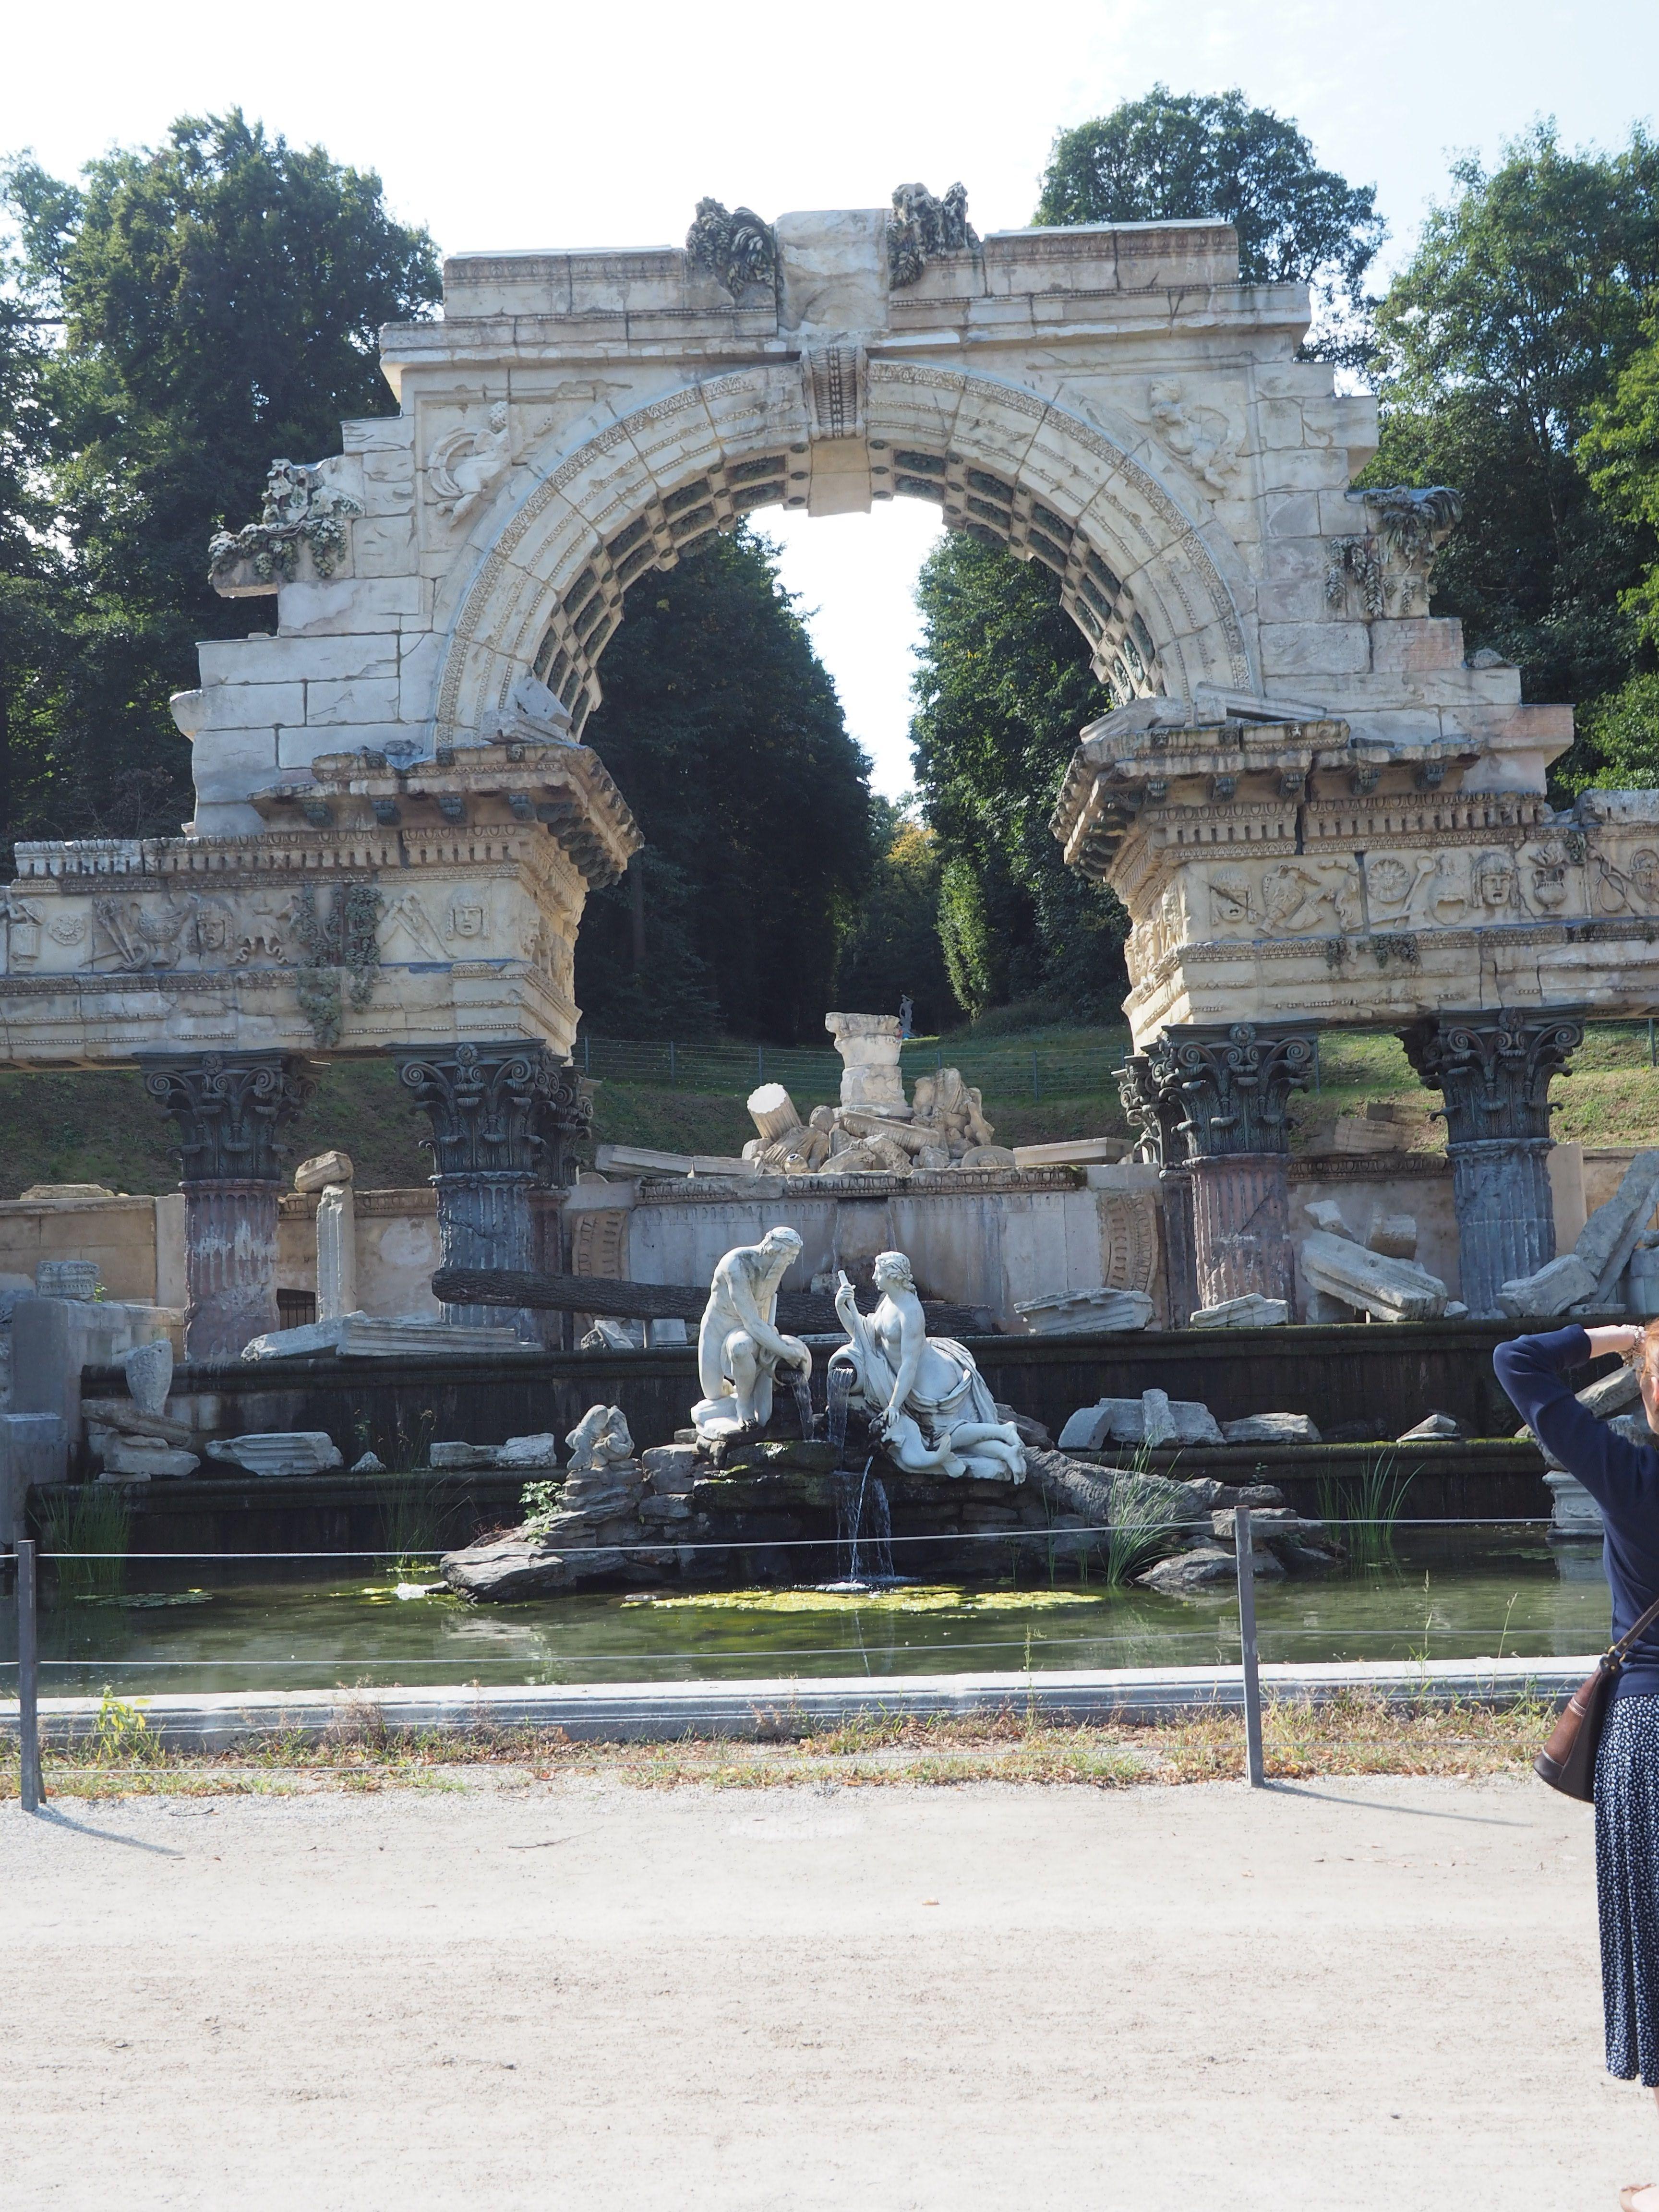 Auf Entdeckungsreise In Den Garten Von Schonbrunn Reisen Urlaub In Deutschland Und Urlaub